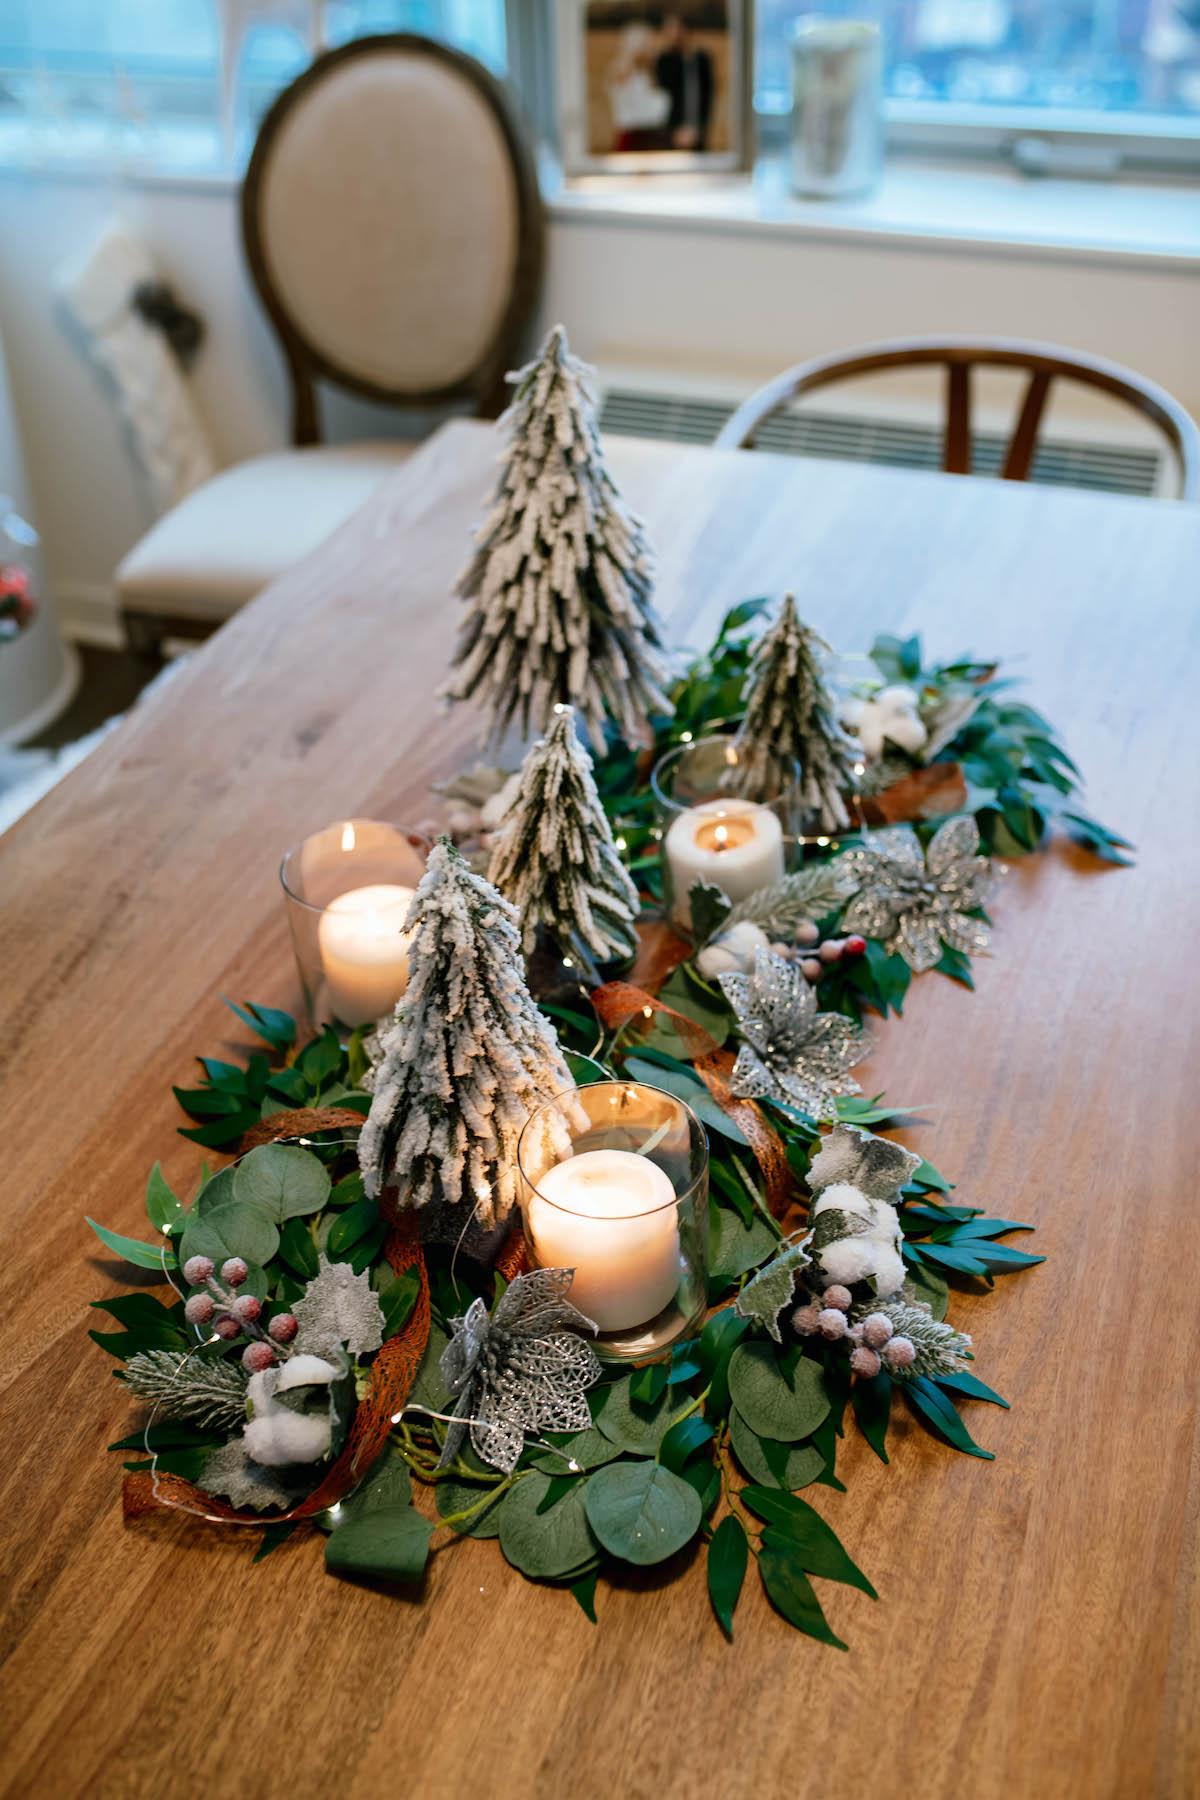 DIY Holiday Greenery Table Runner Garland